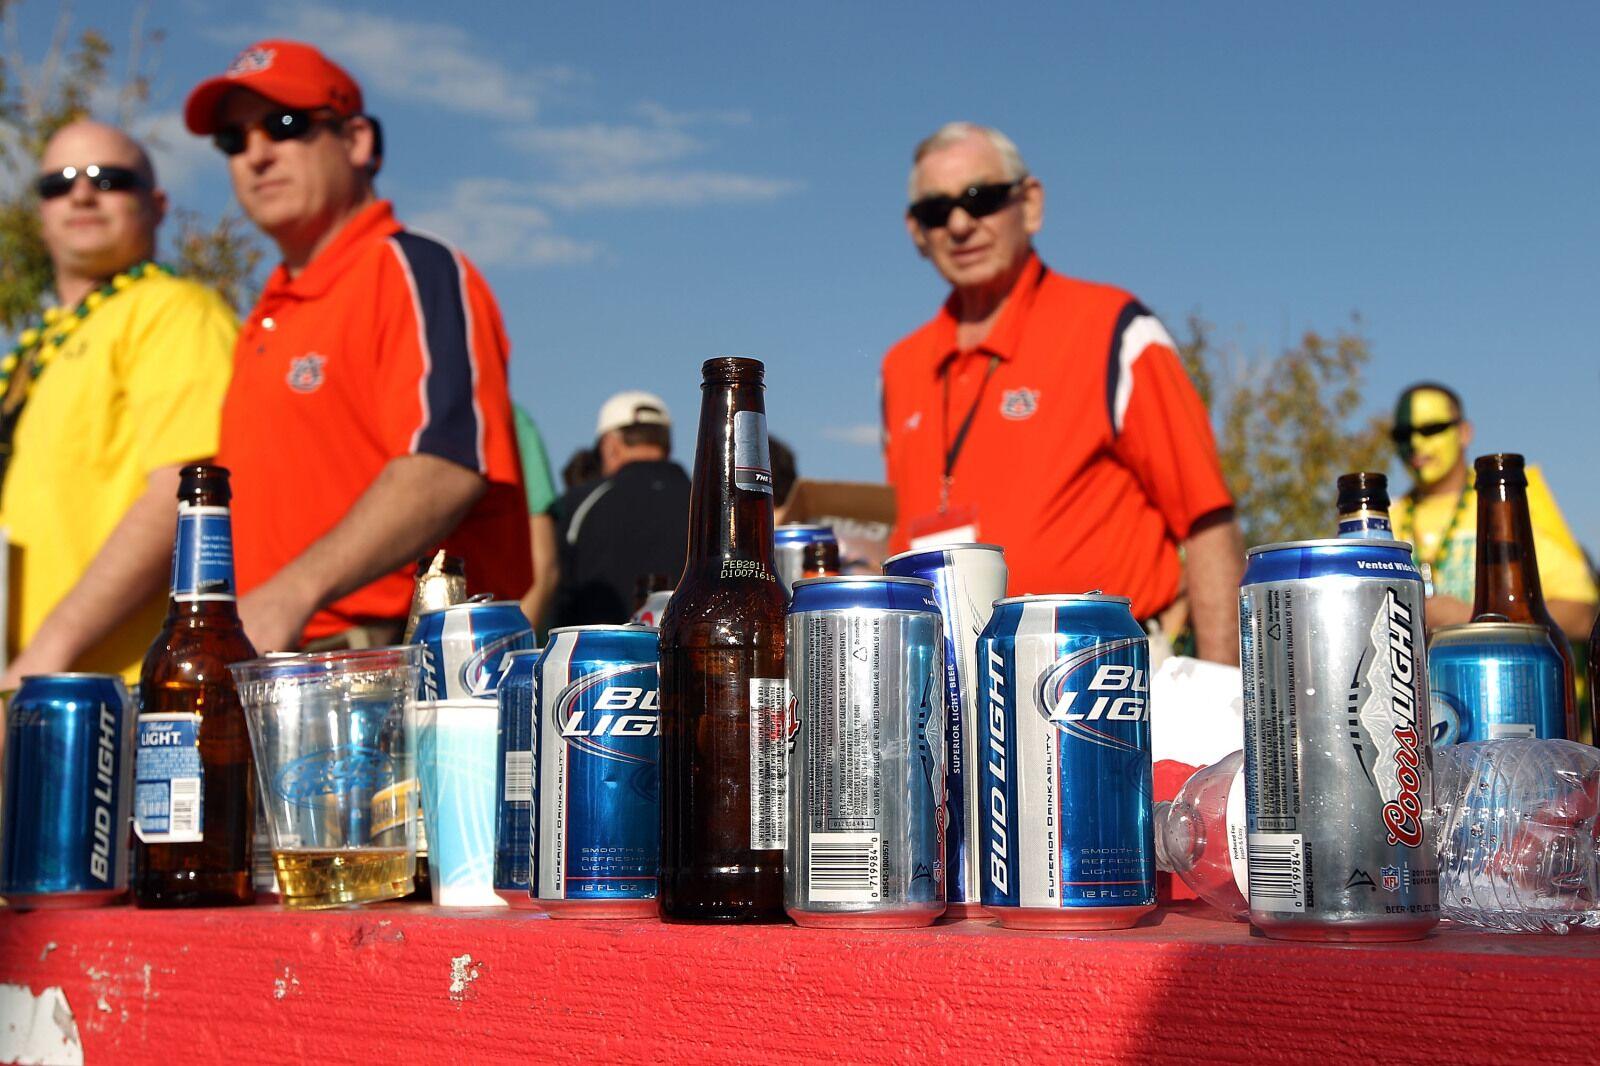 Florida Gators' fans may soon buy alcohol at games